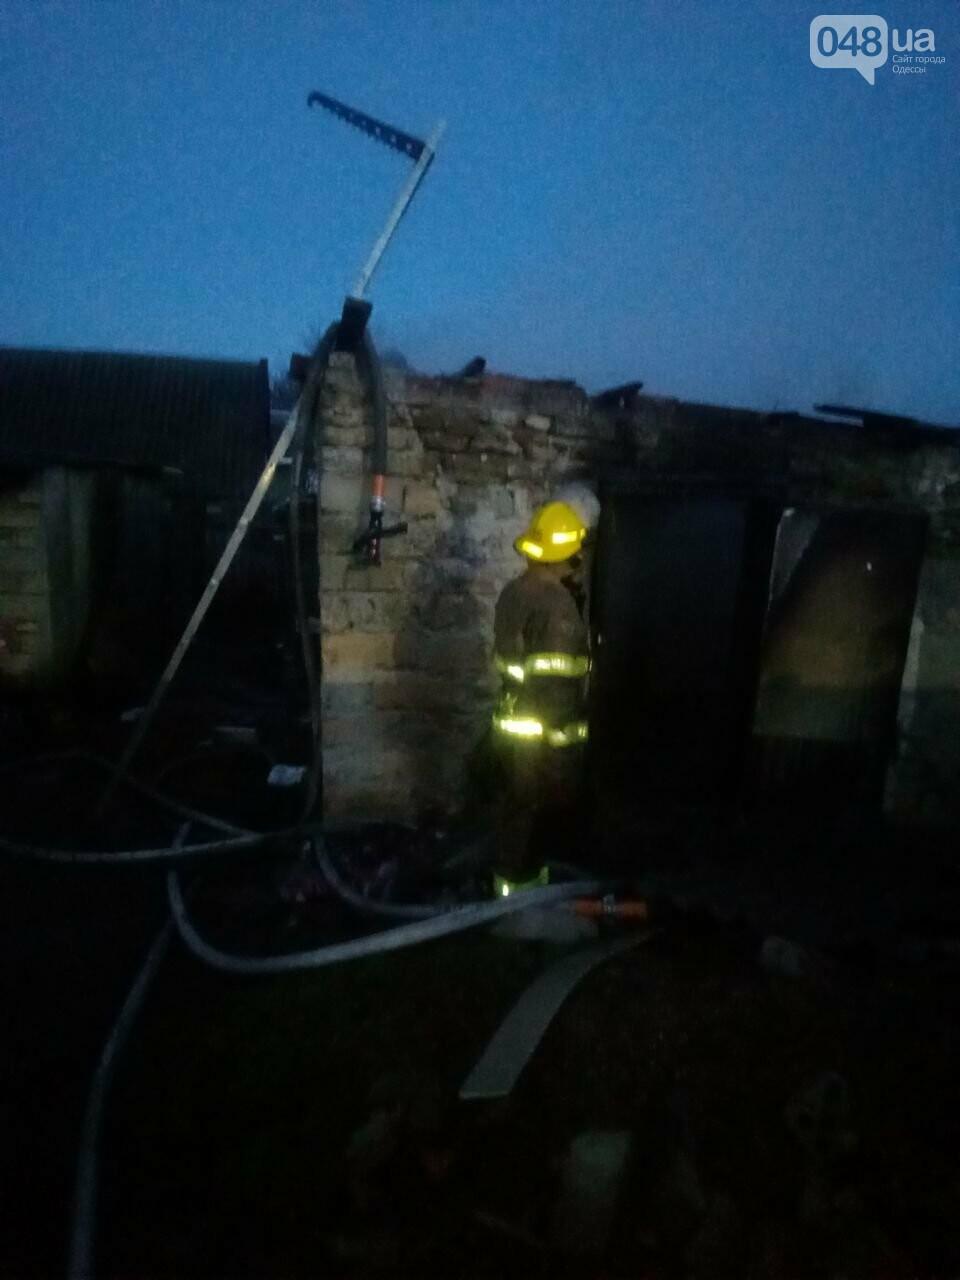 Погиб на пожаре: в Одесской области спасатели тушили дом, - ФОТО, фото-1